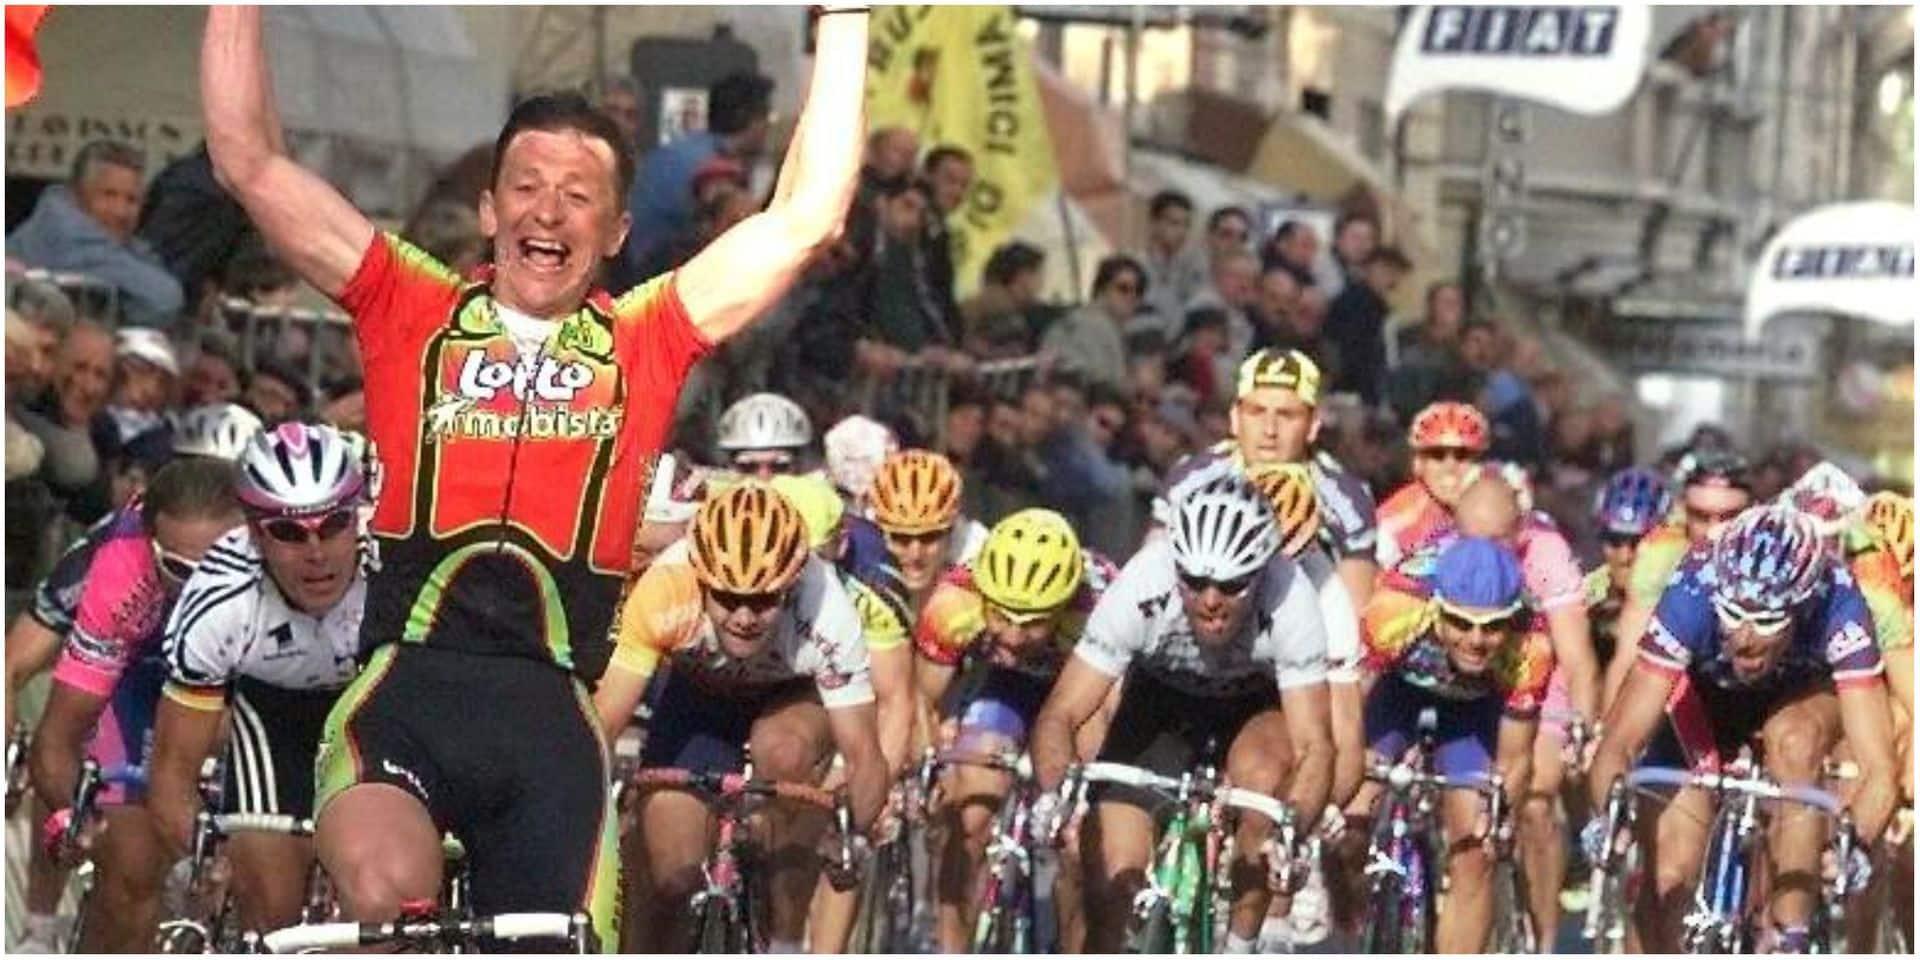 Au sprint, en attaquant ou en finisseur, il y a 1000 façons de gagner Milan-Sanremo